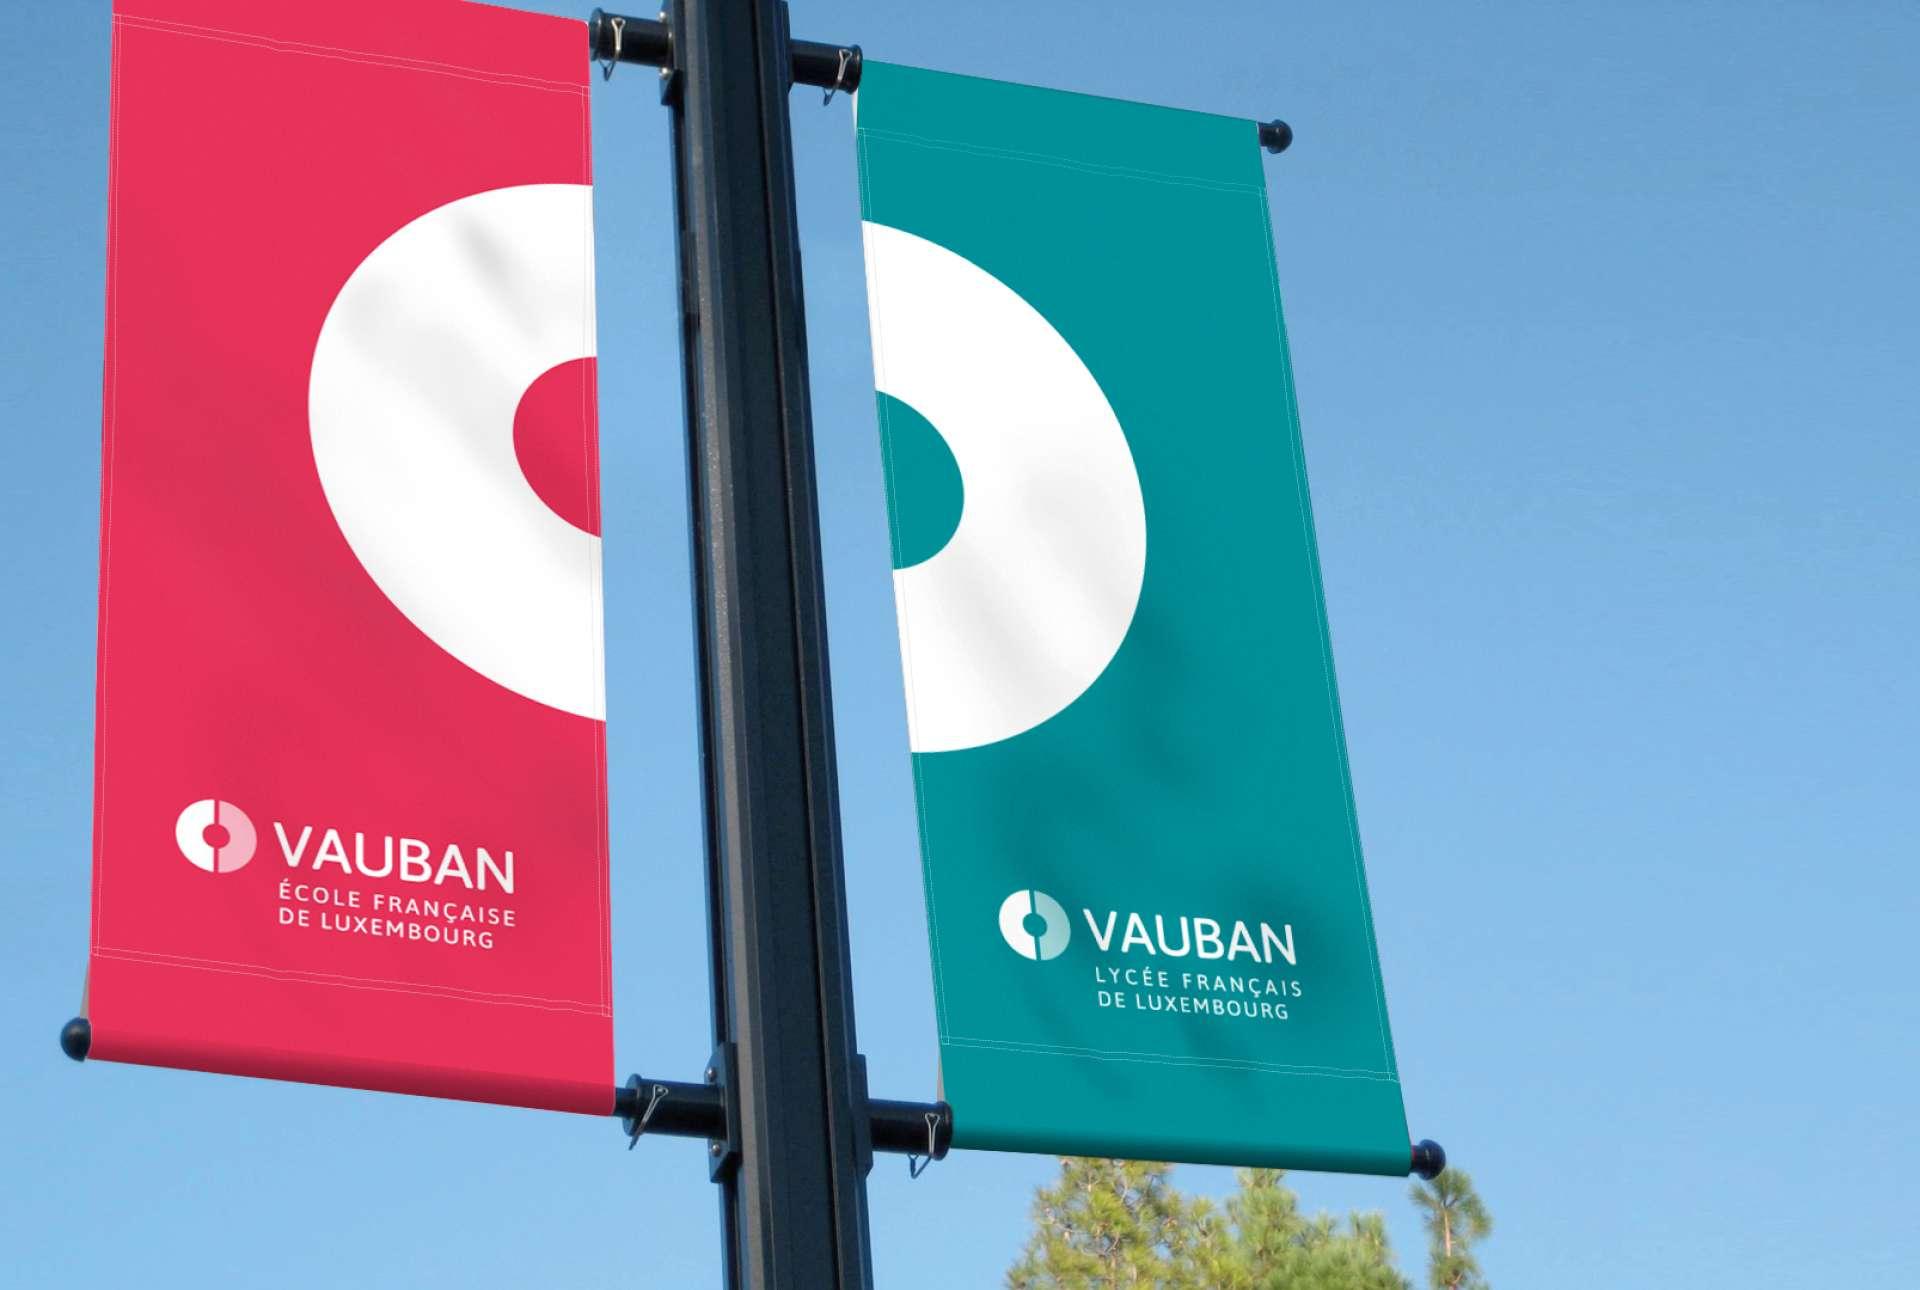 Drapeau signalant l'emplacement des établissements Vauban au Luxembourg (Signalétique extérieure)